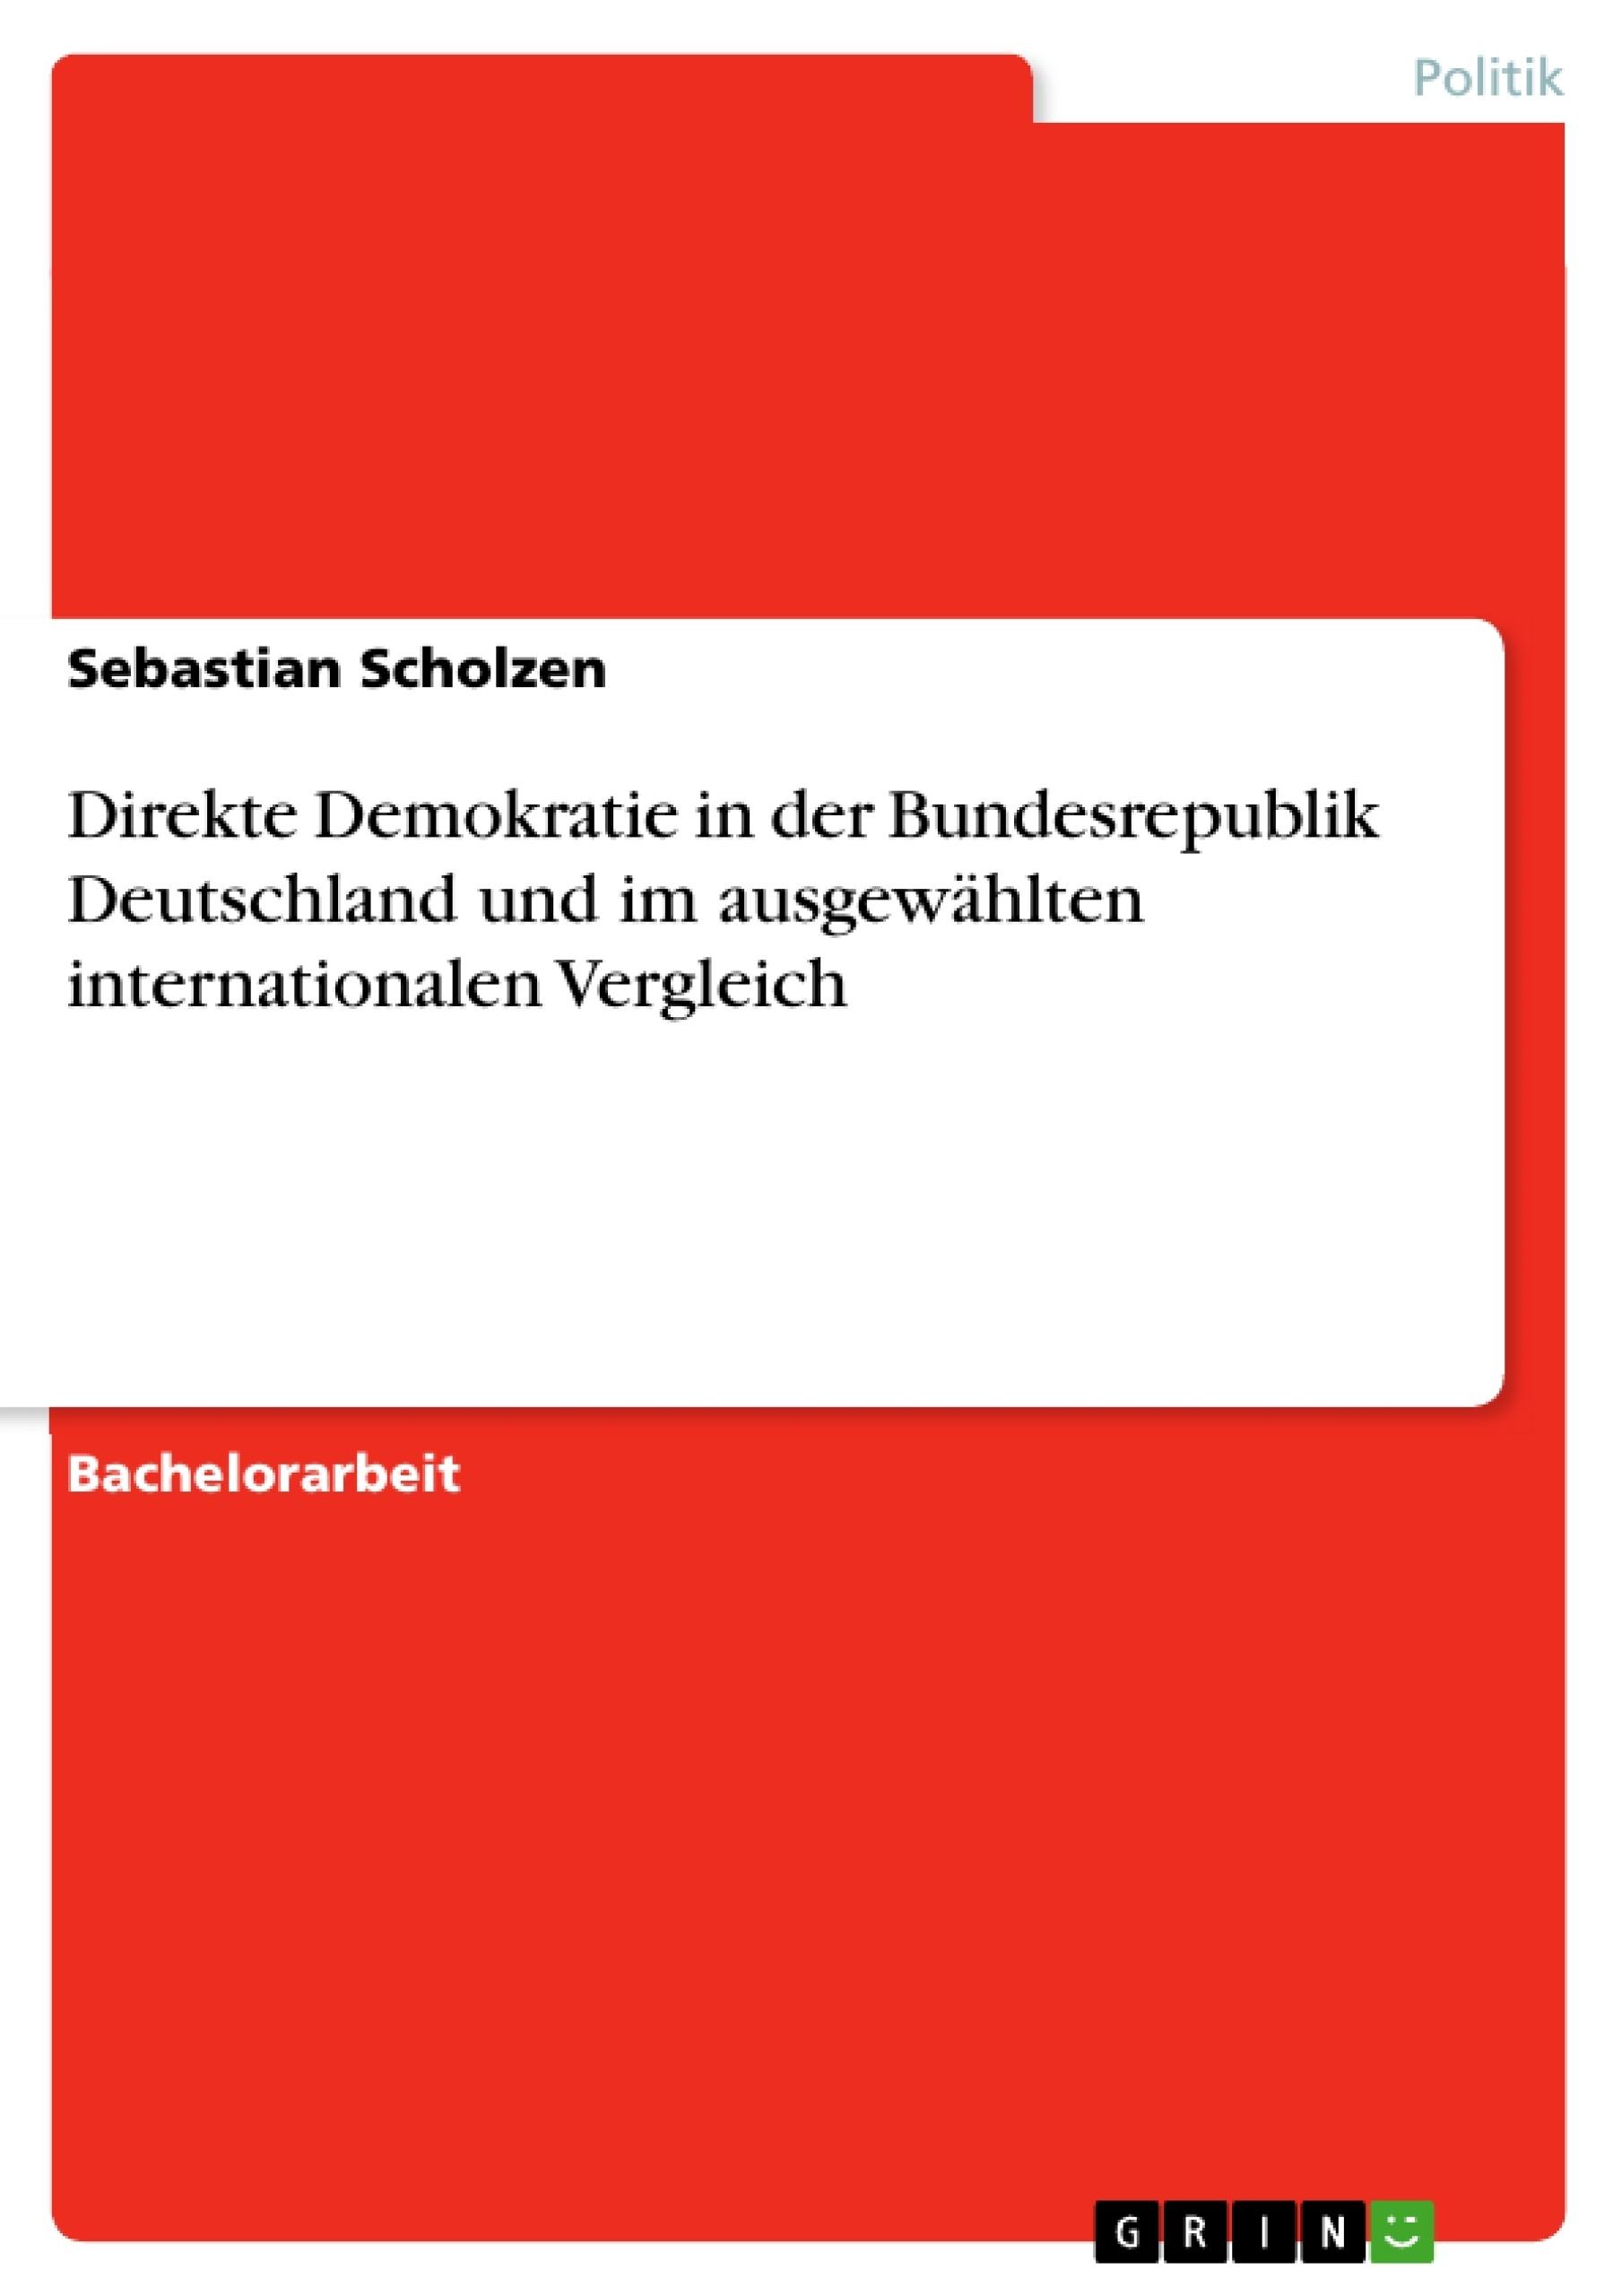 Titel: Direkte Demokratie in der Bundesrepublik Deutschland und im ausgewählten internationalen Vergleich